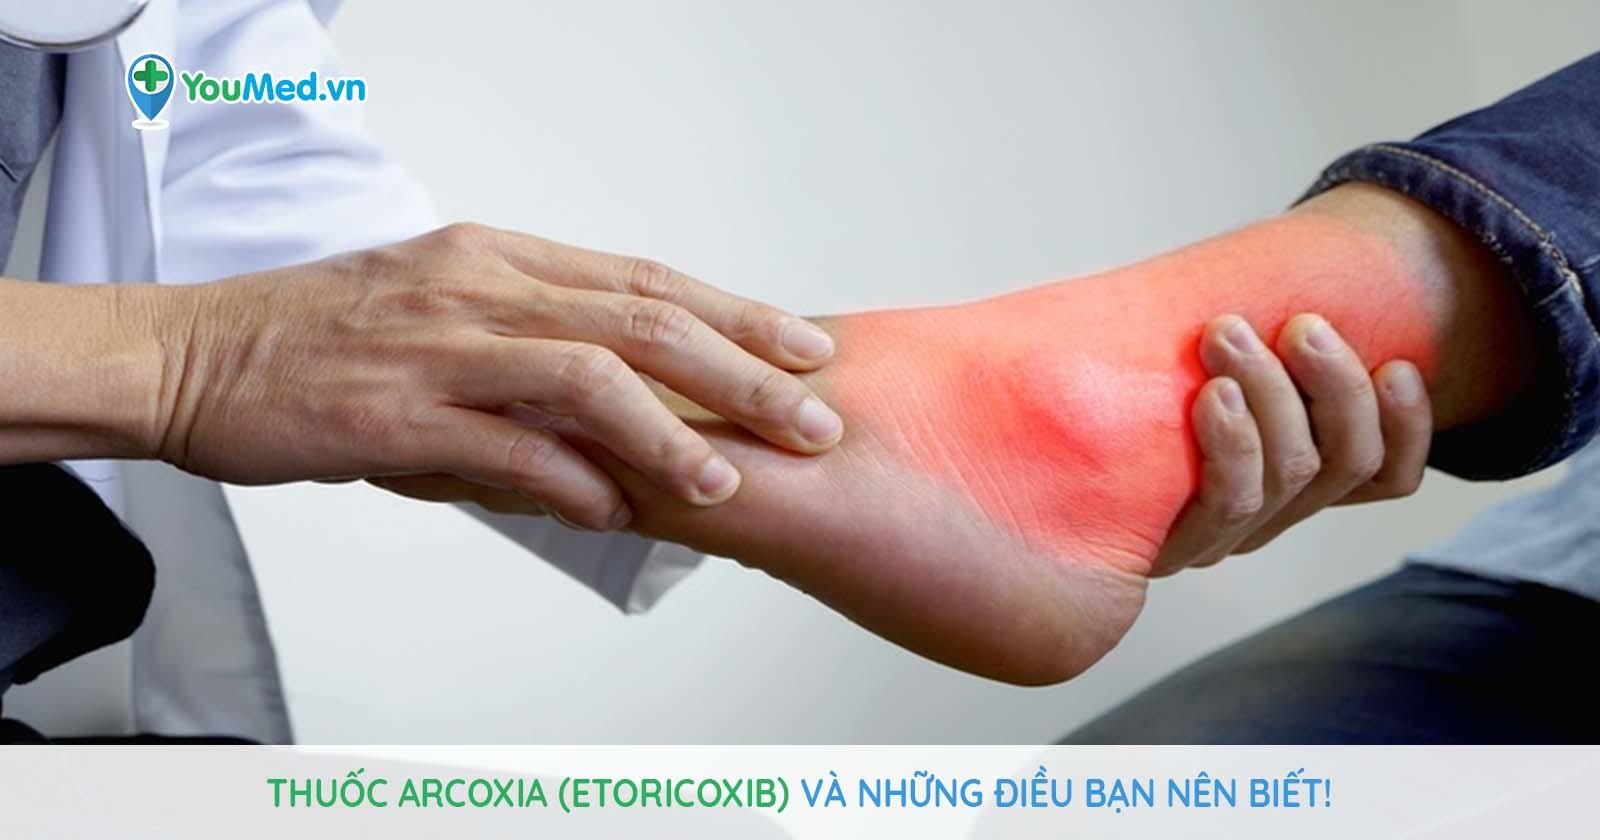 Thuốc Arcoxia (etoricoxib) và những điều bạn nên biết